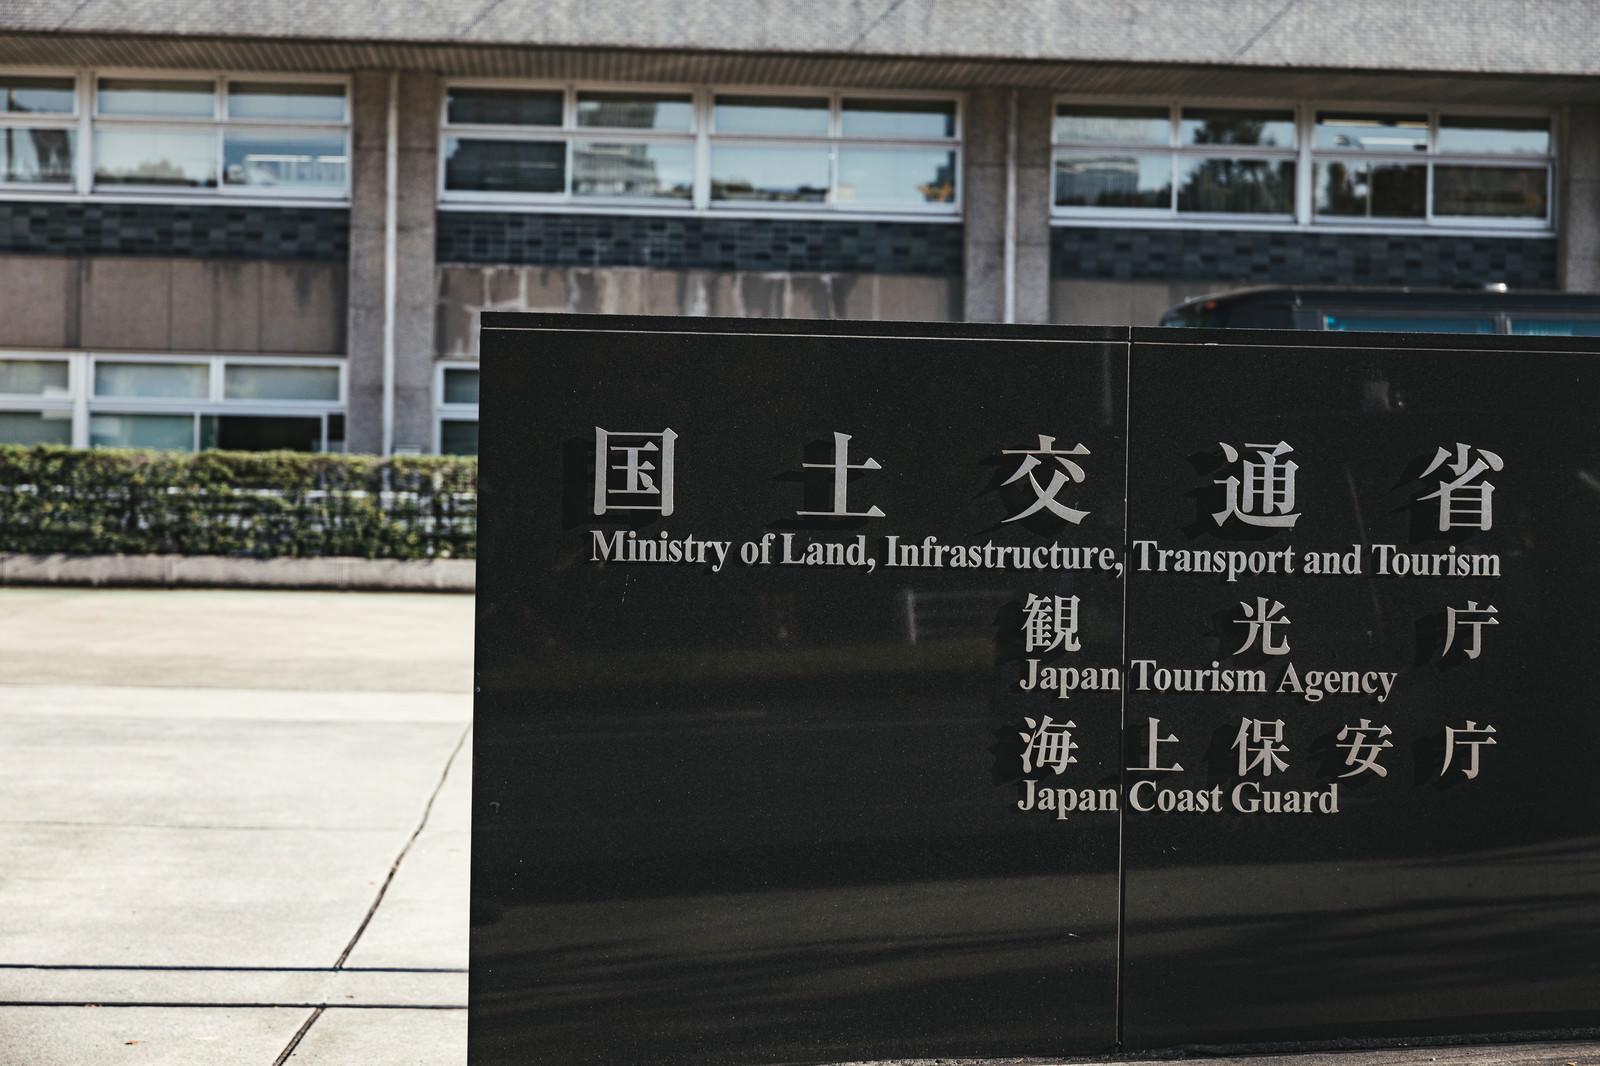 「国土交通省と官公庁、海上保安庁の銘板」の写真